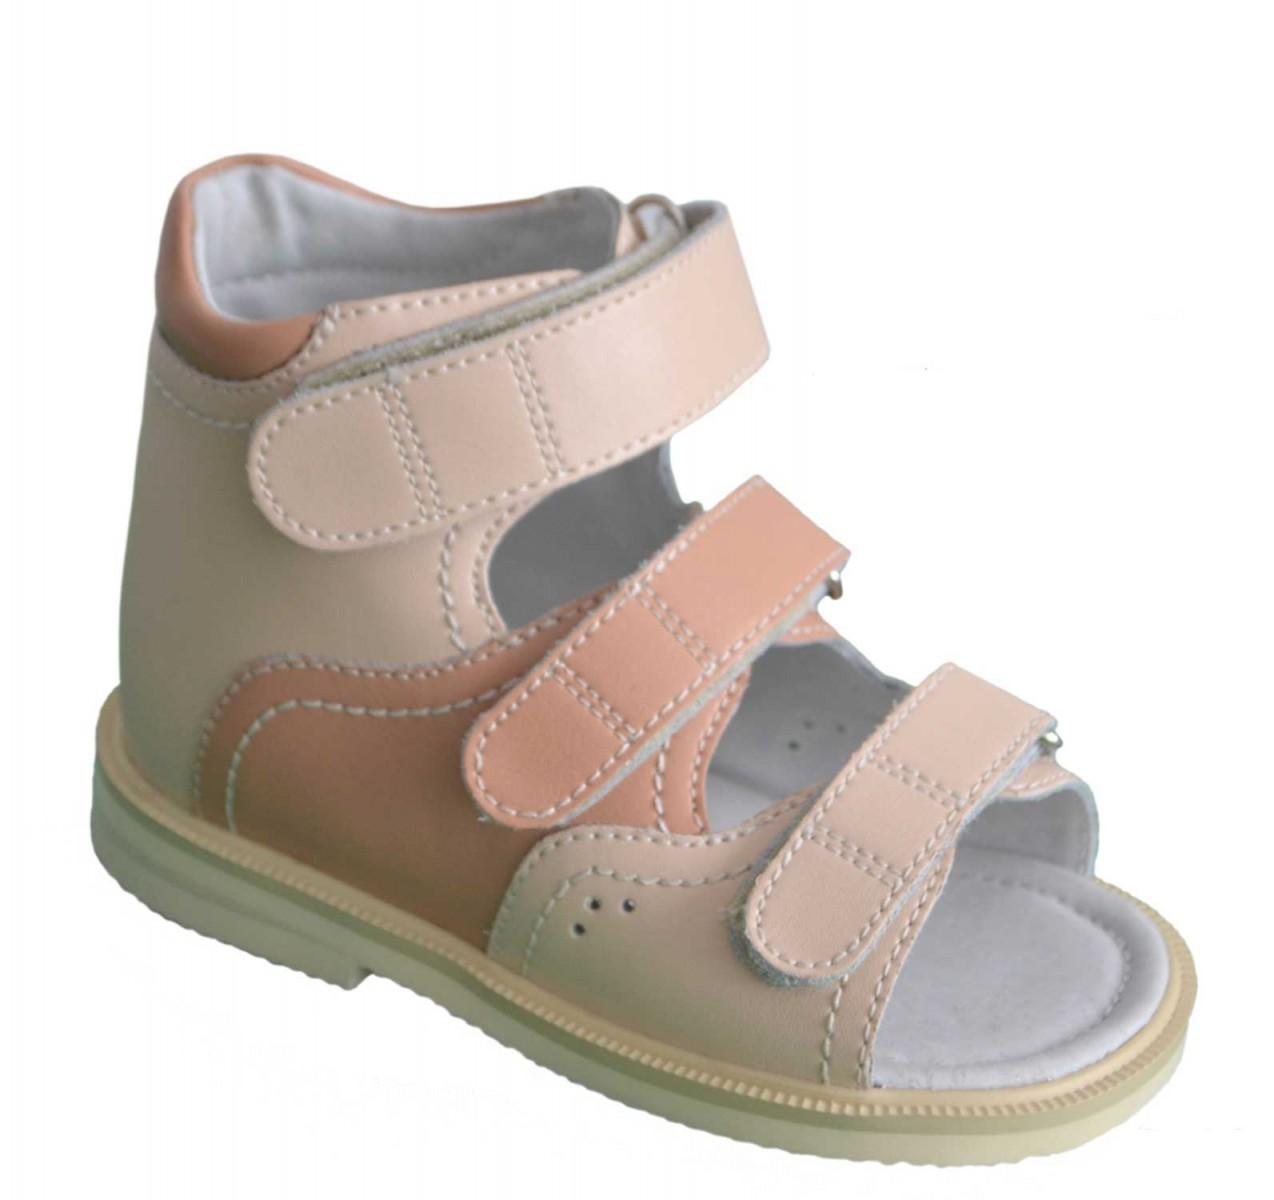 97a79eb50 Босоножки ортопедические детские, сандалии летние. Босоножки для вальгусной  постановки стоп 11-038